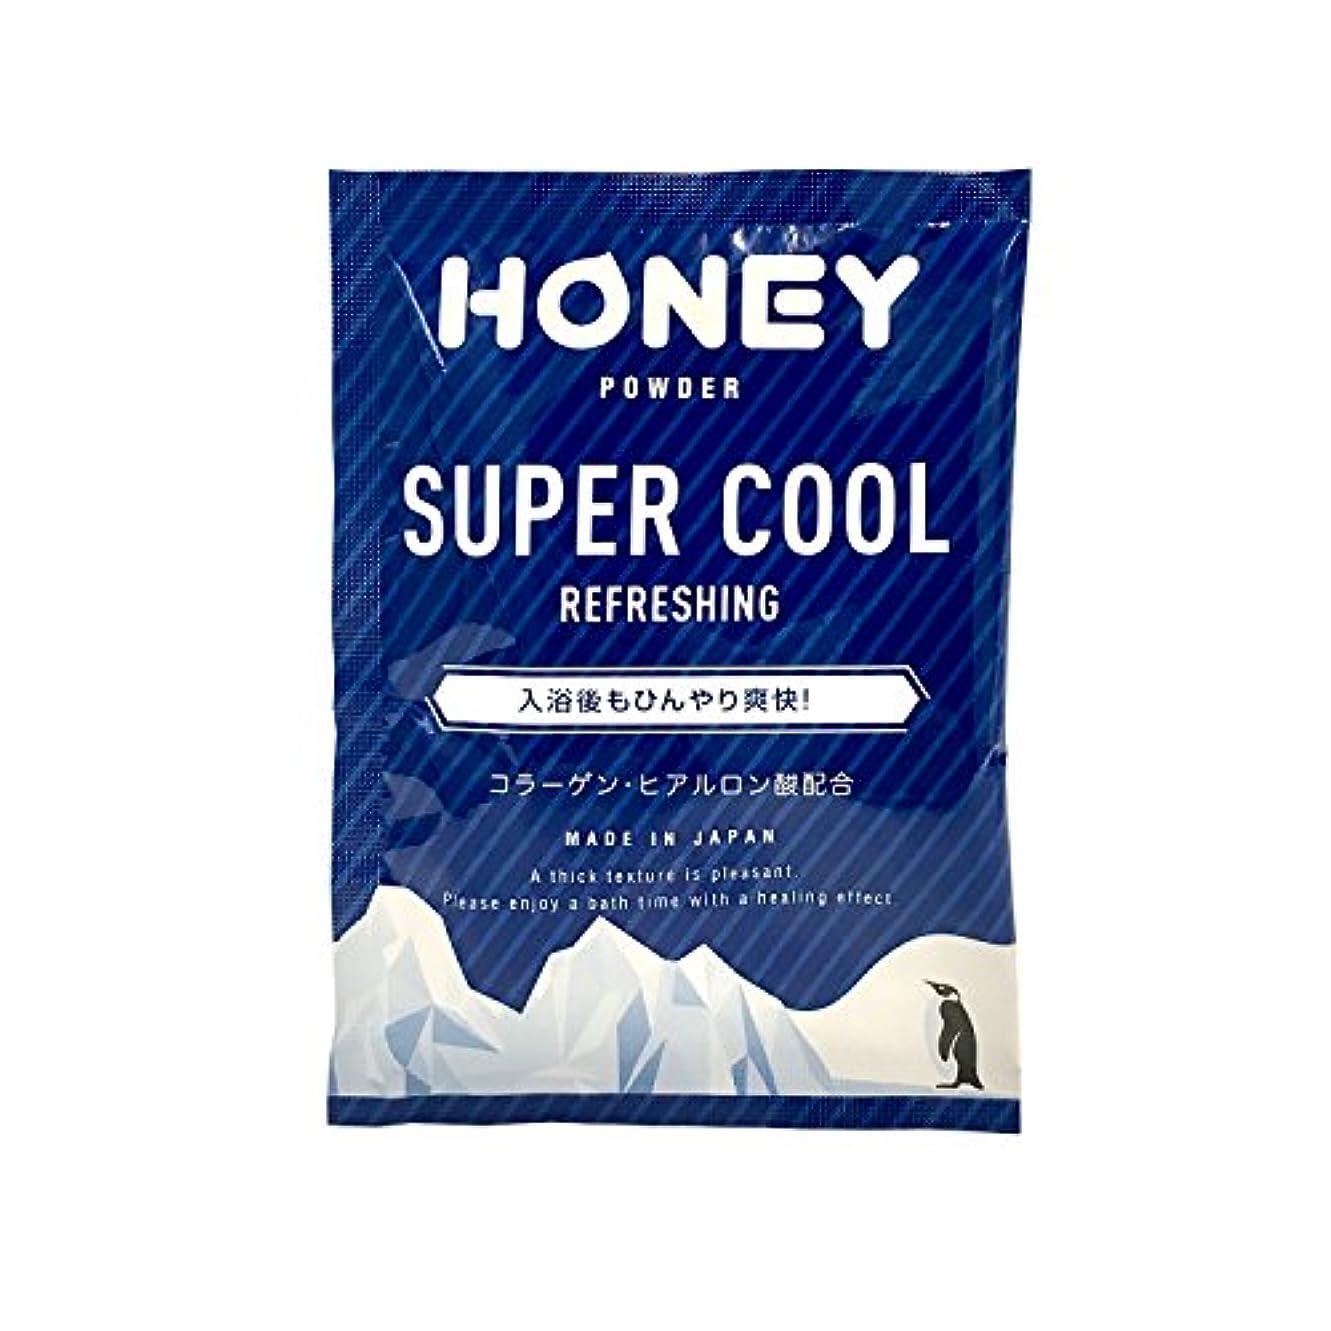 マーチャンダイジングセラー信頼できるとろとろ入浴剤【honey powder】(ハニーパウダー) スーパークール 粉末タイプ ローション